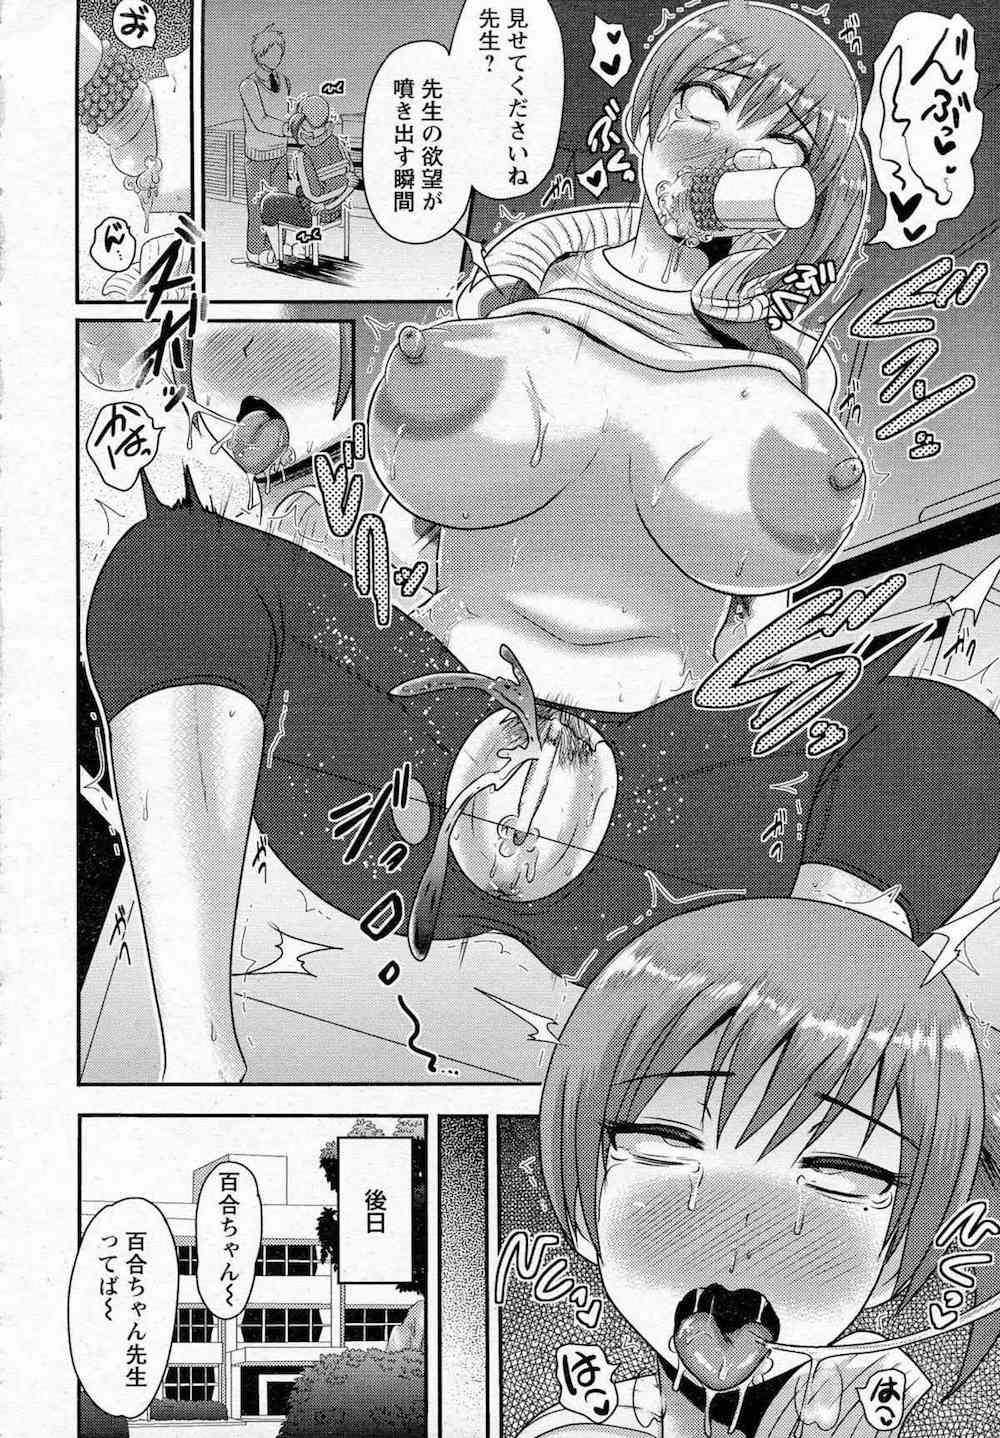 【エロ漫画】どんな人間にだって人には言えないような、満たし難い性的な願望がある!女性体育教師が催眠キノコで教え子生徒を逆レイプ!教え子もキノコを食べて!【アクオチスキー先生】